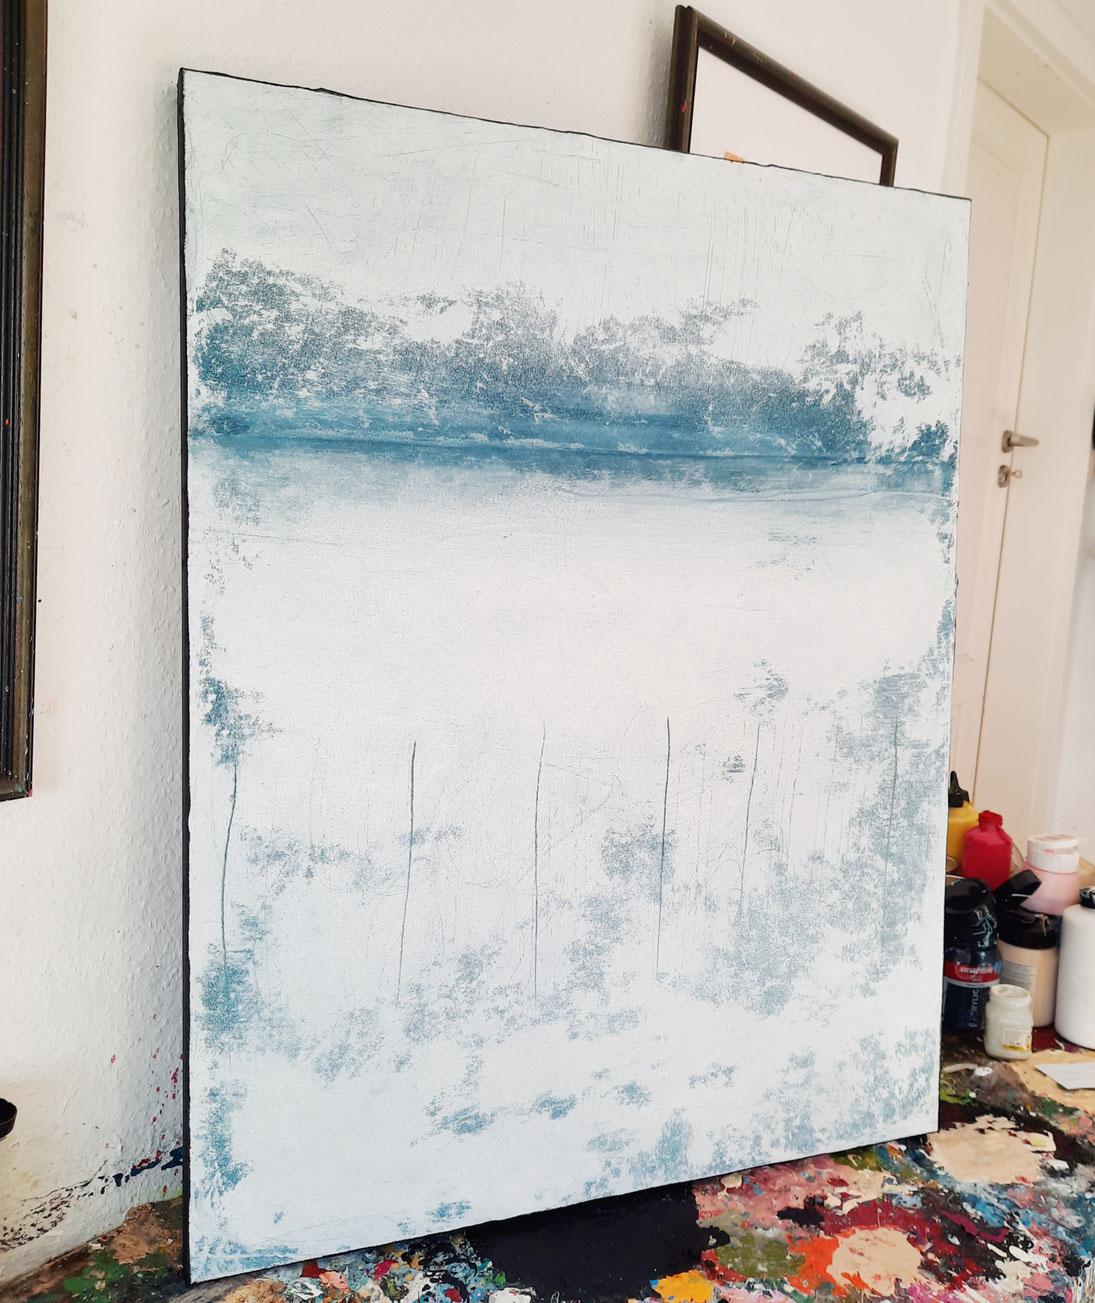 90 x 70 cm - weißes Bild